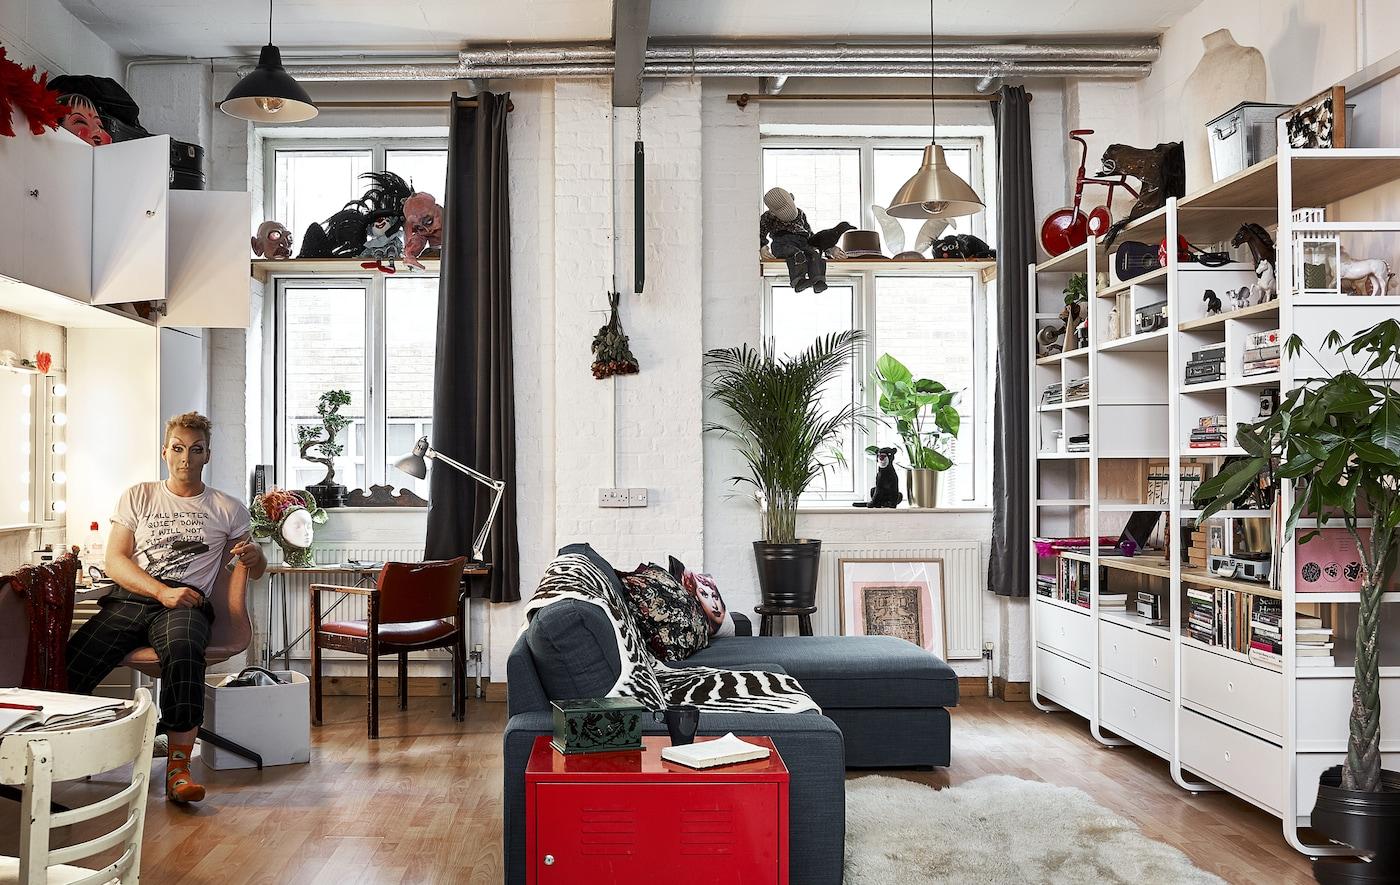 Kleines Wohnzimmer Mit Essbereich Einrichten Ikea   nandanursinggroup